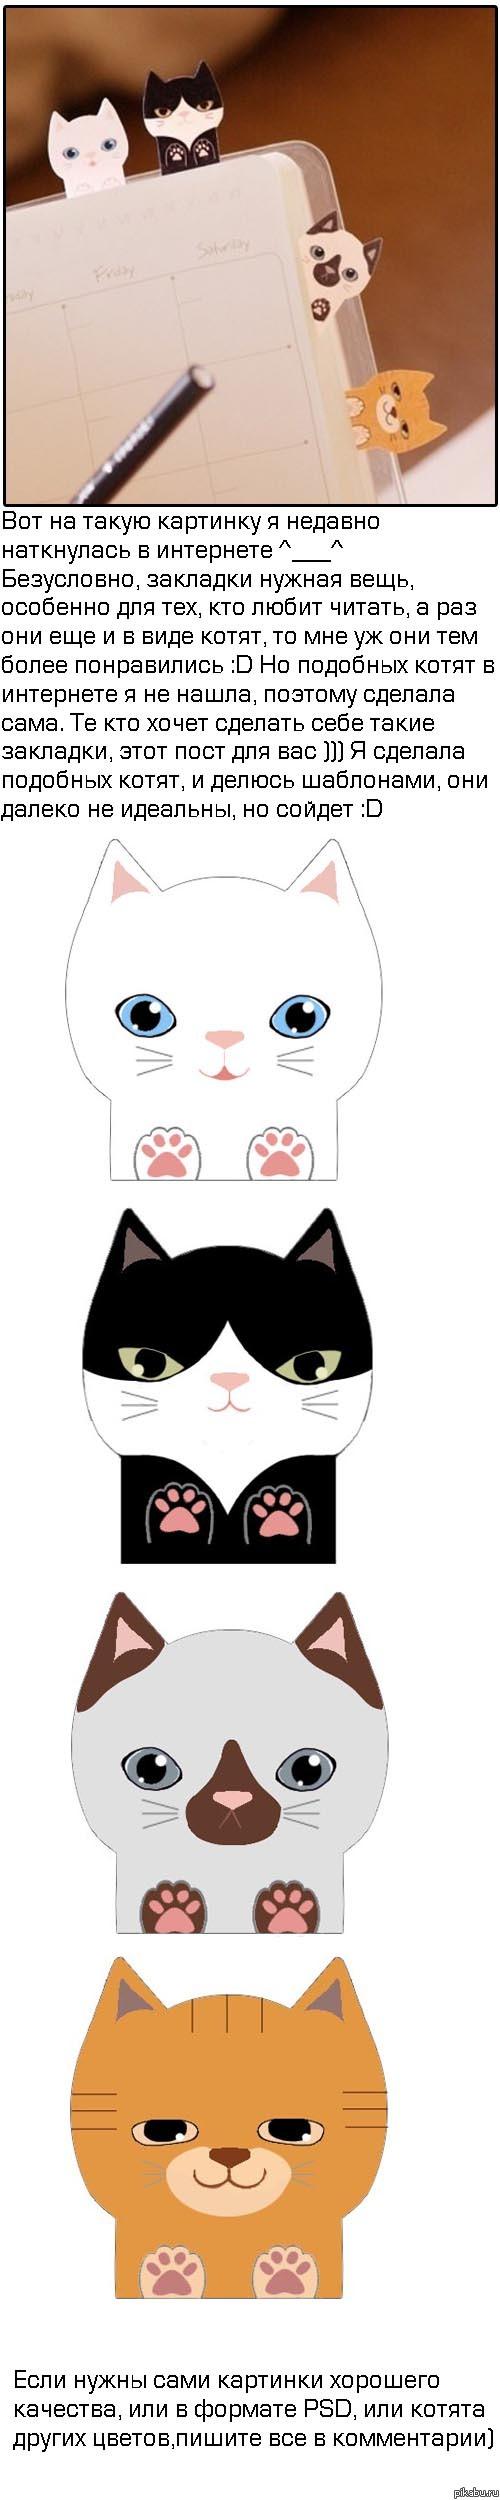 Закладка котик своими руками из бумаги 60